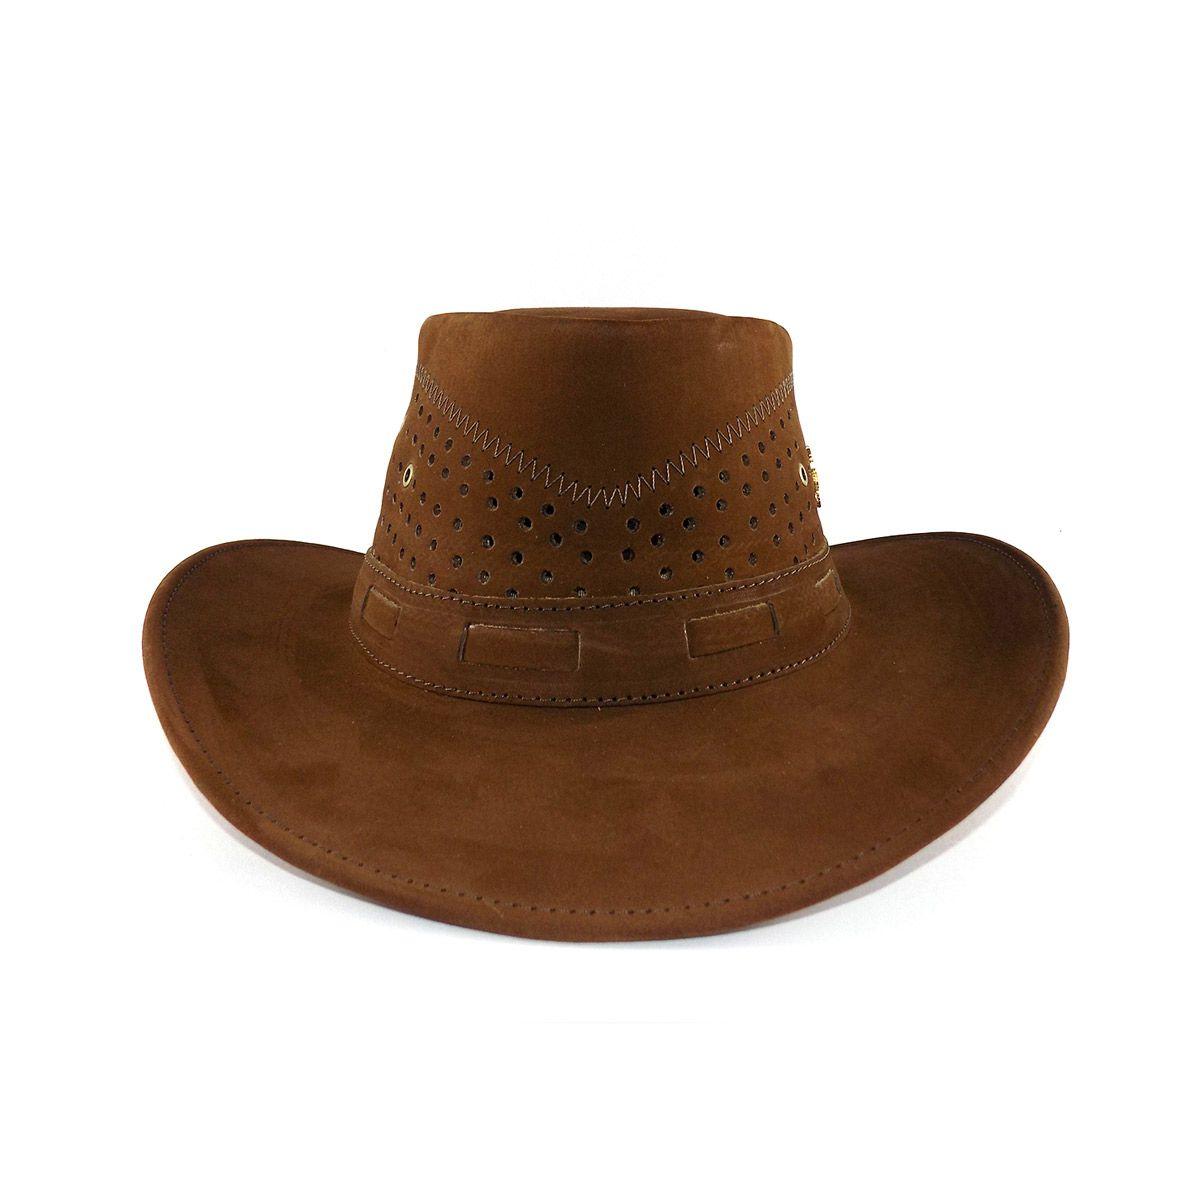 Chapéu de Couro Australiano - Castor